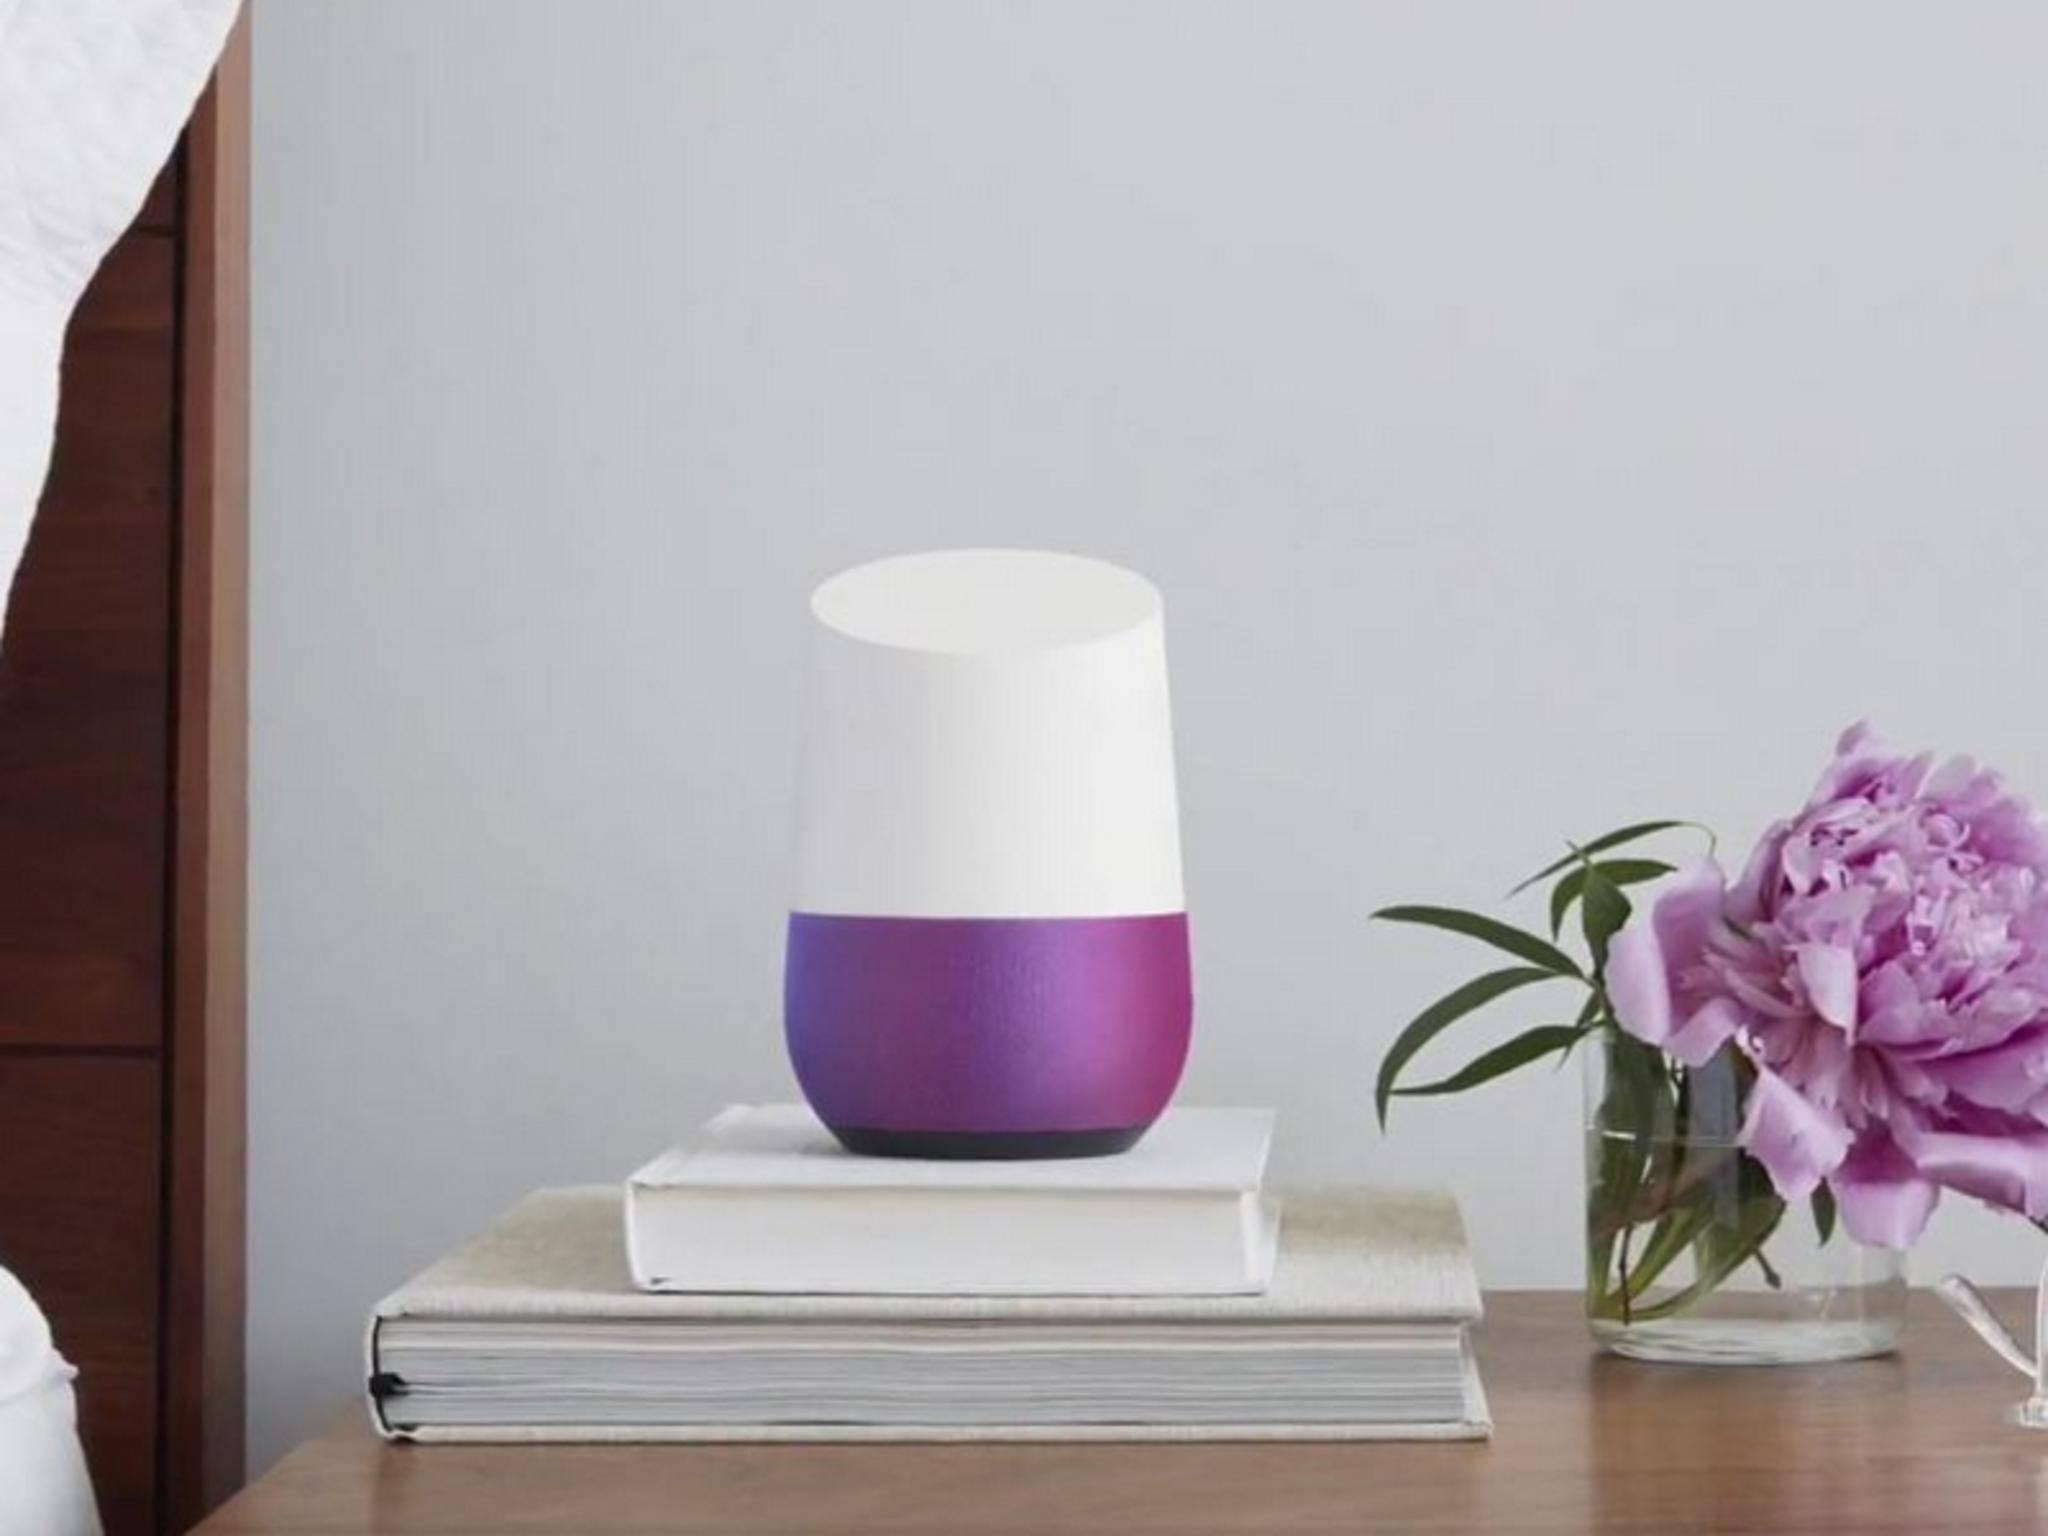 Microsoft werkeltangeblich an einem Google Home-ähnlichen Lautsprecher.